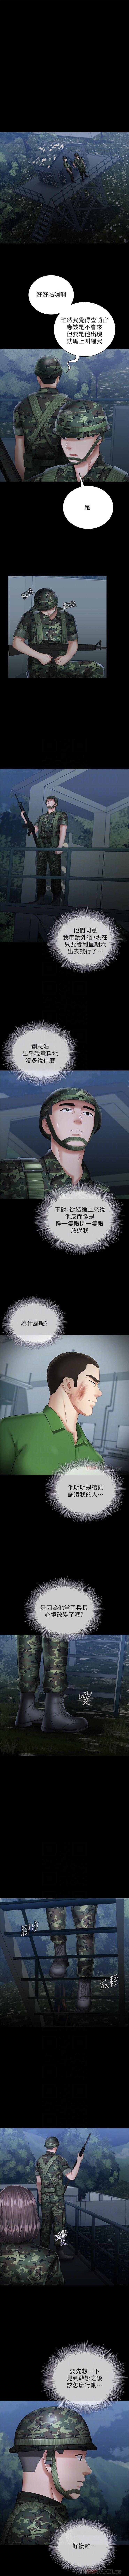 妹妹的義務 1-37 官方中文(連載中) 198